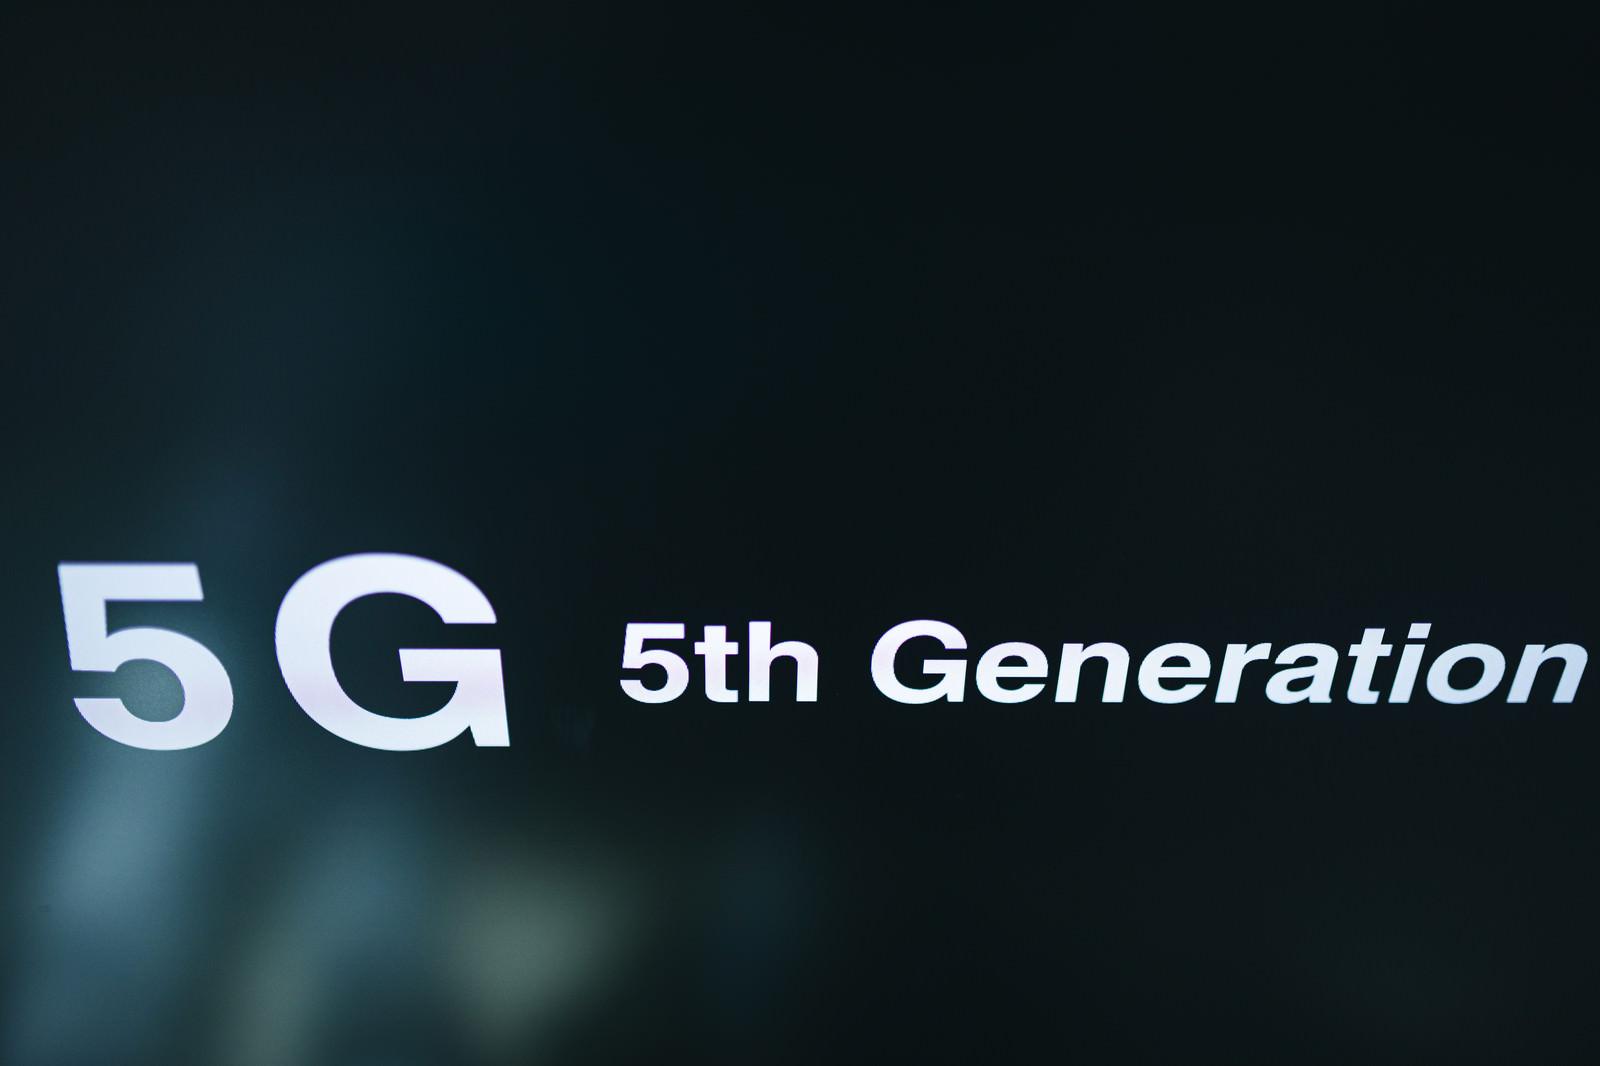 「ごジー(5th Generation)」の写真